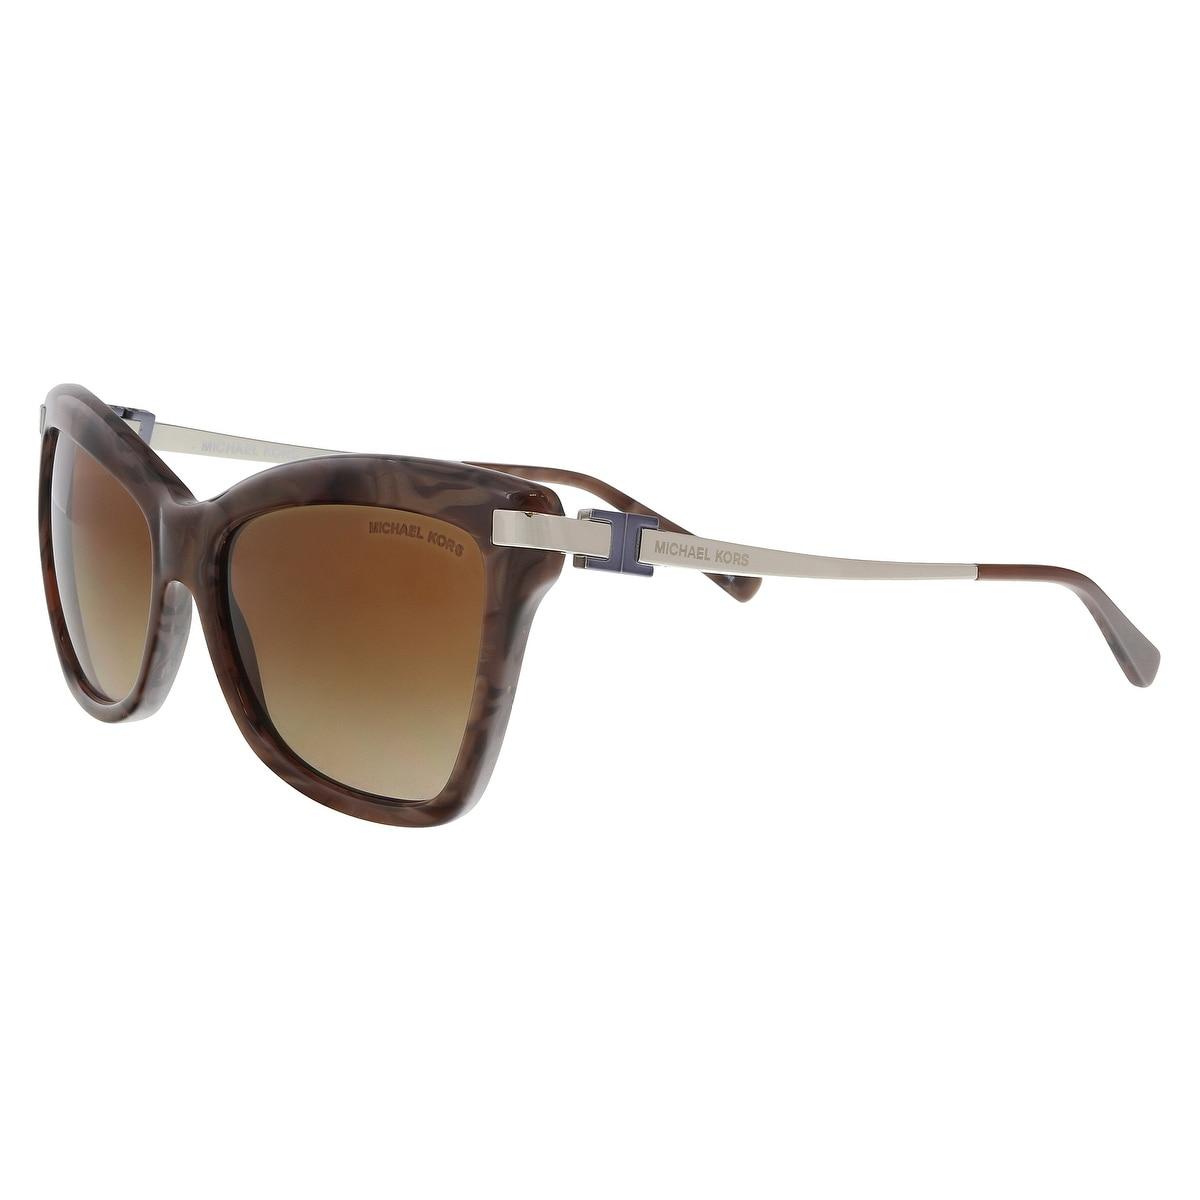 c8af9355576b8 Michael Kors Sunglasses